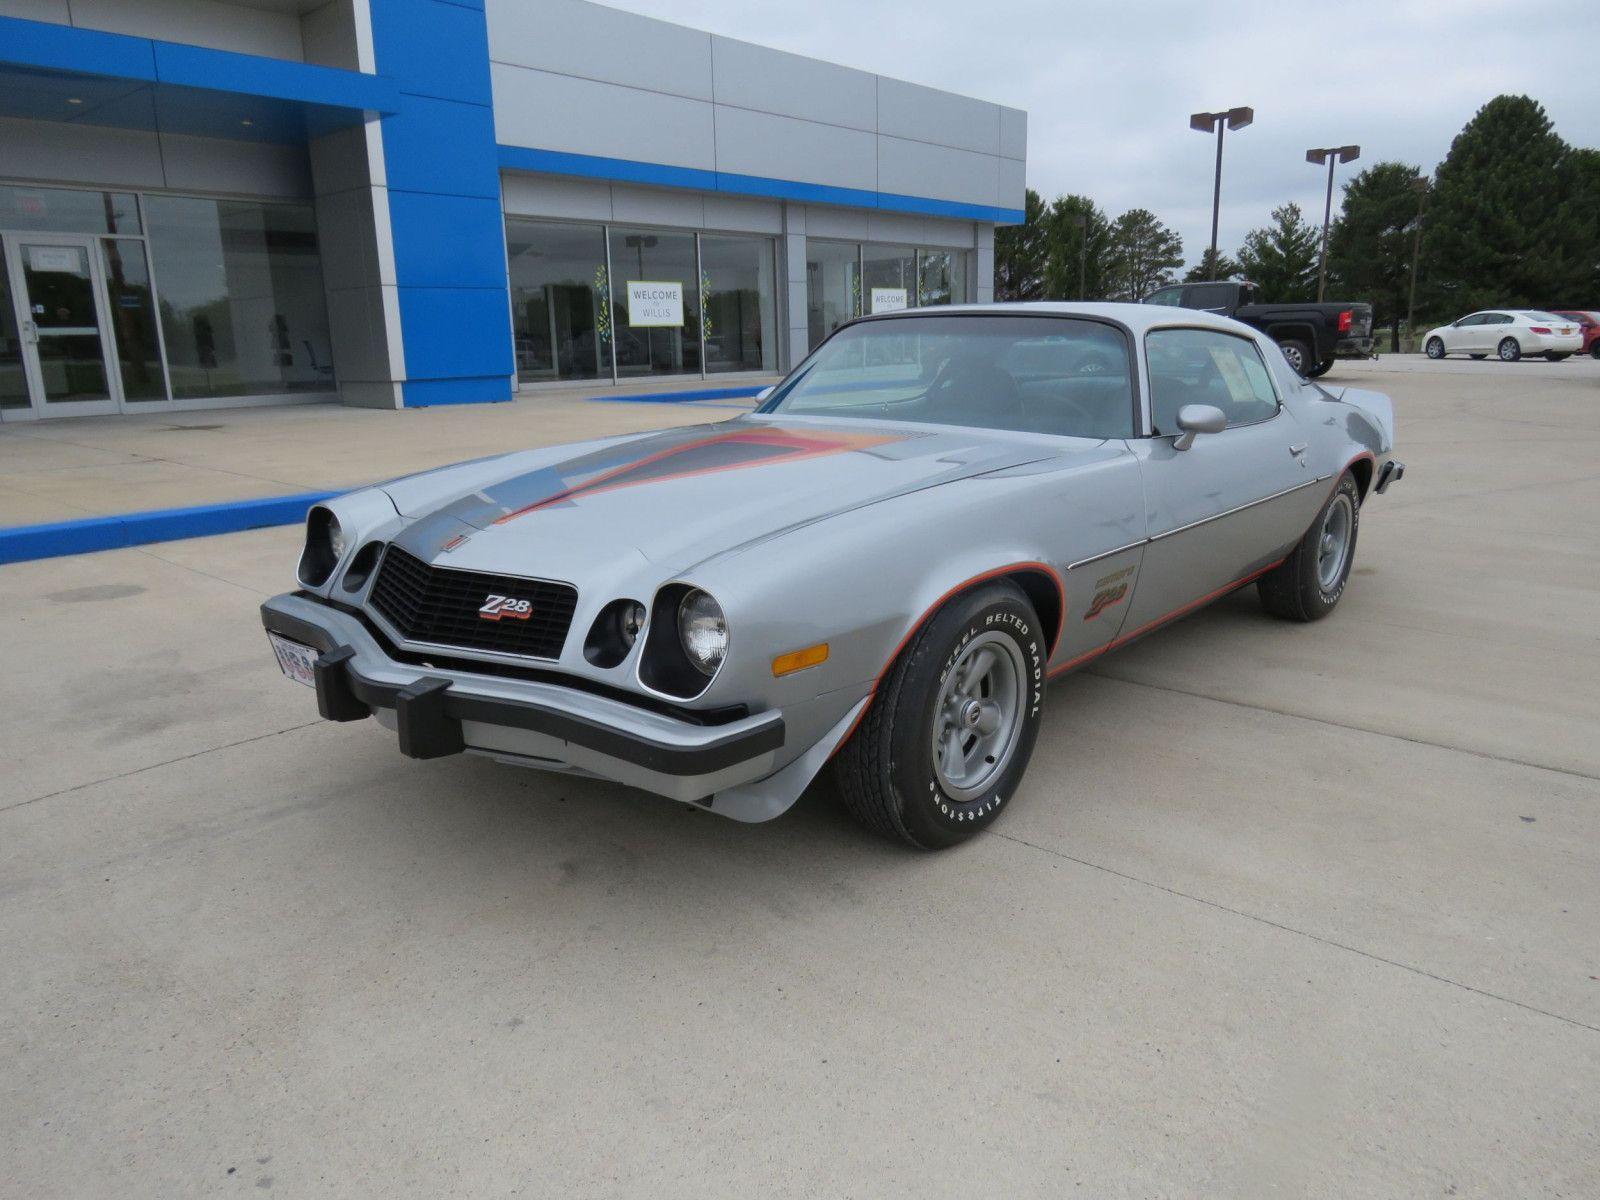 """<img src=""""don-1977-z28.jpg"""" alt=""""A 1977 Chevrolet Camaro Z28 time capsule"""">"""